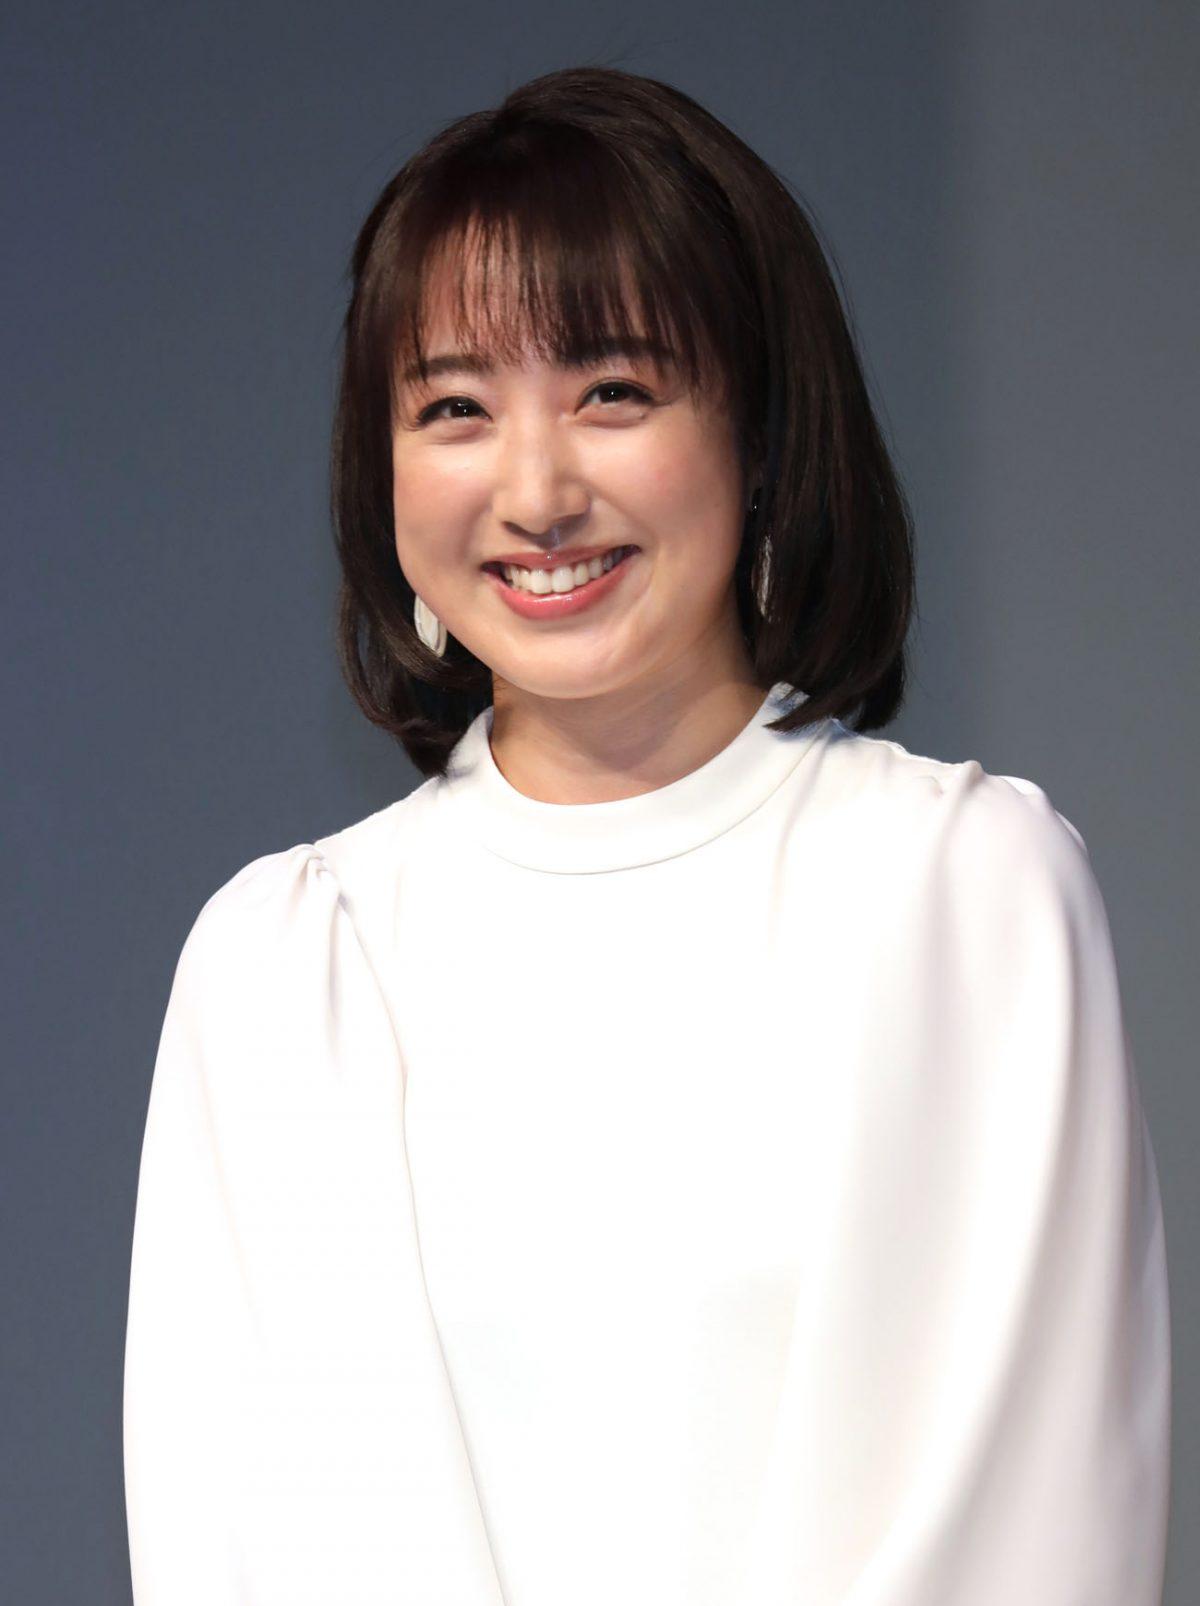 一問一報/川田裕美